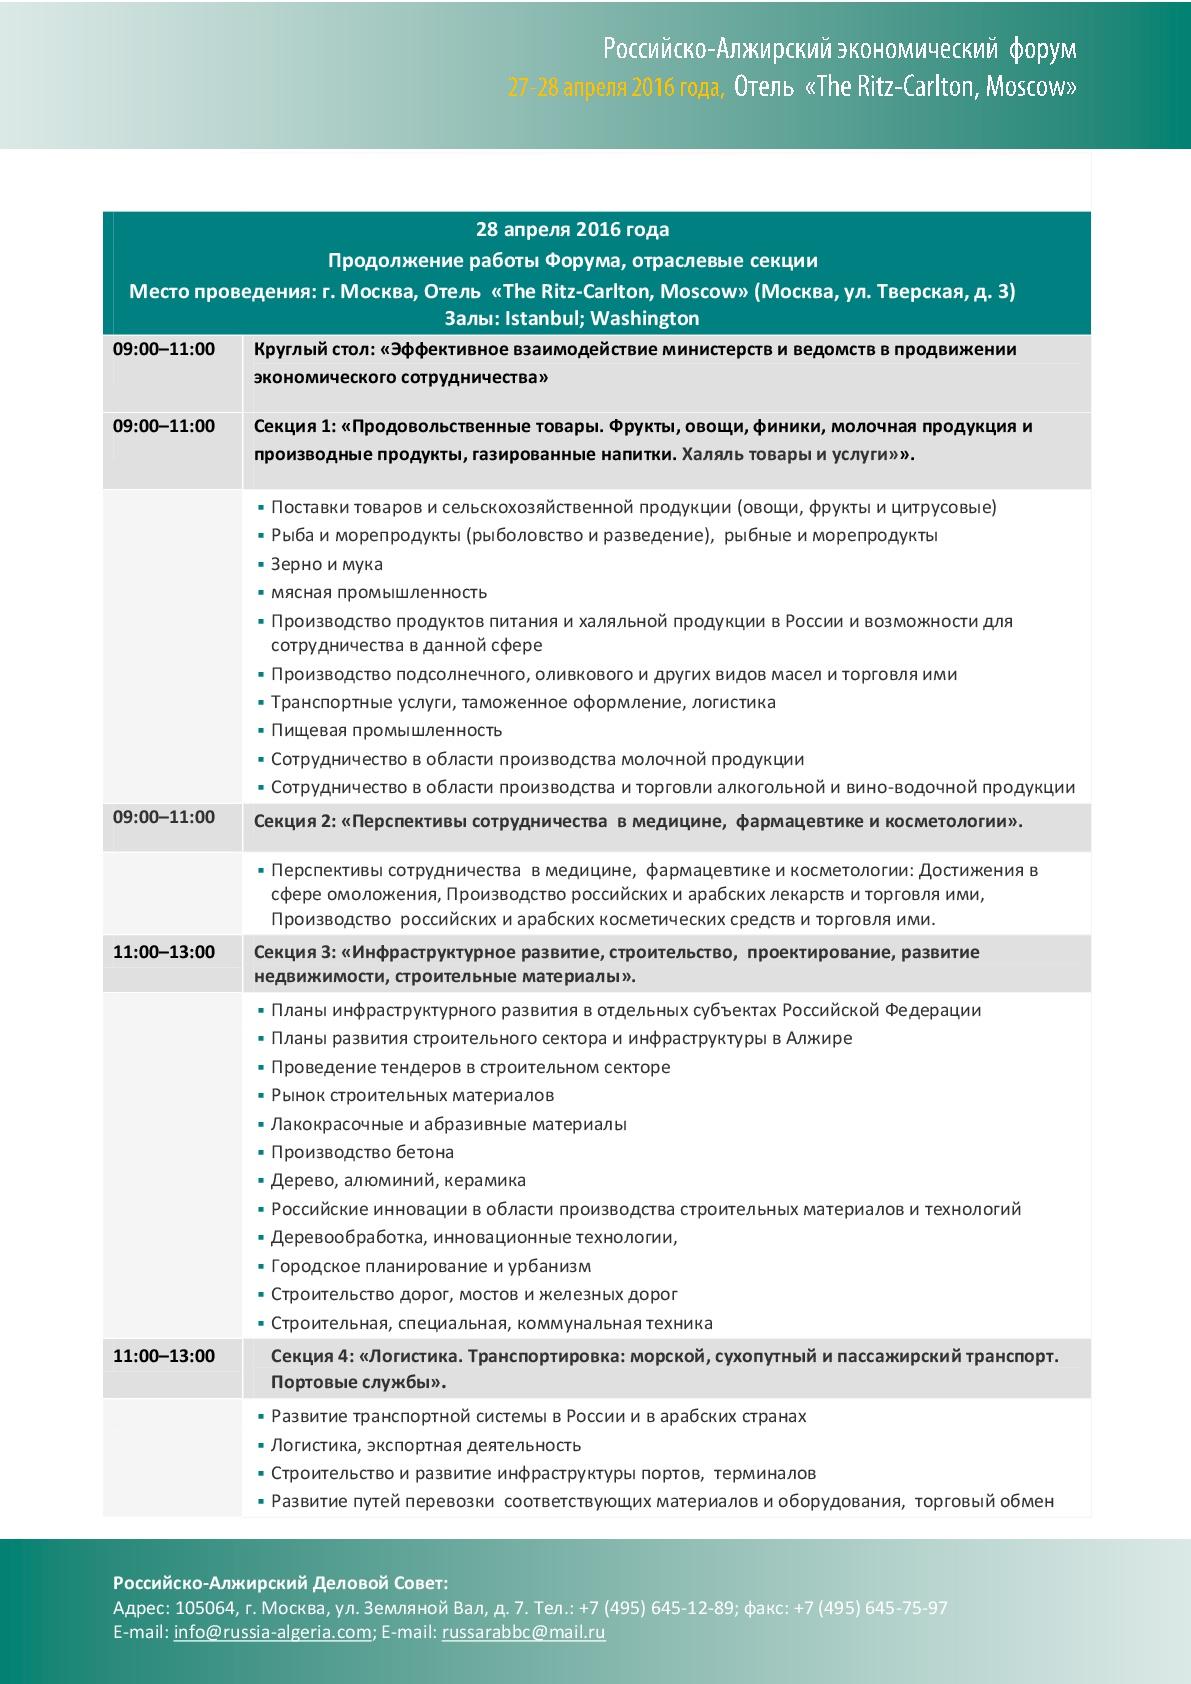 العلاقات الجزائرية الروسية - صفحة 3 26590543352_0de689b1c7_o